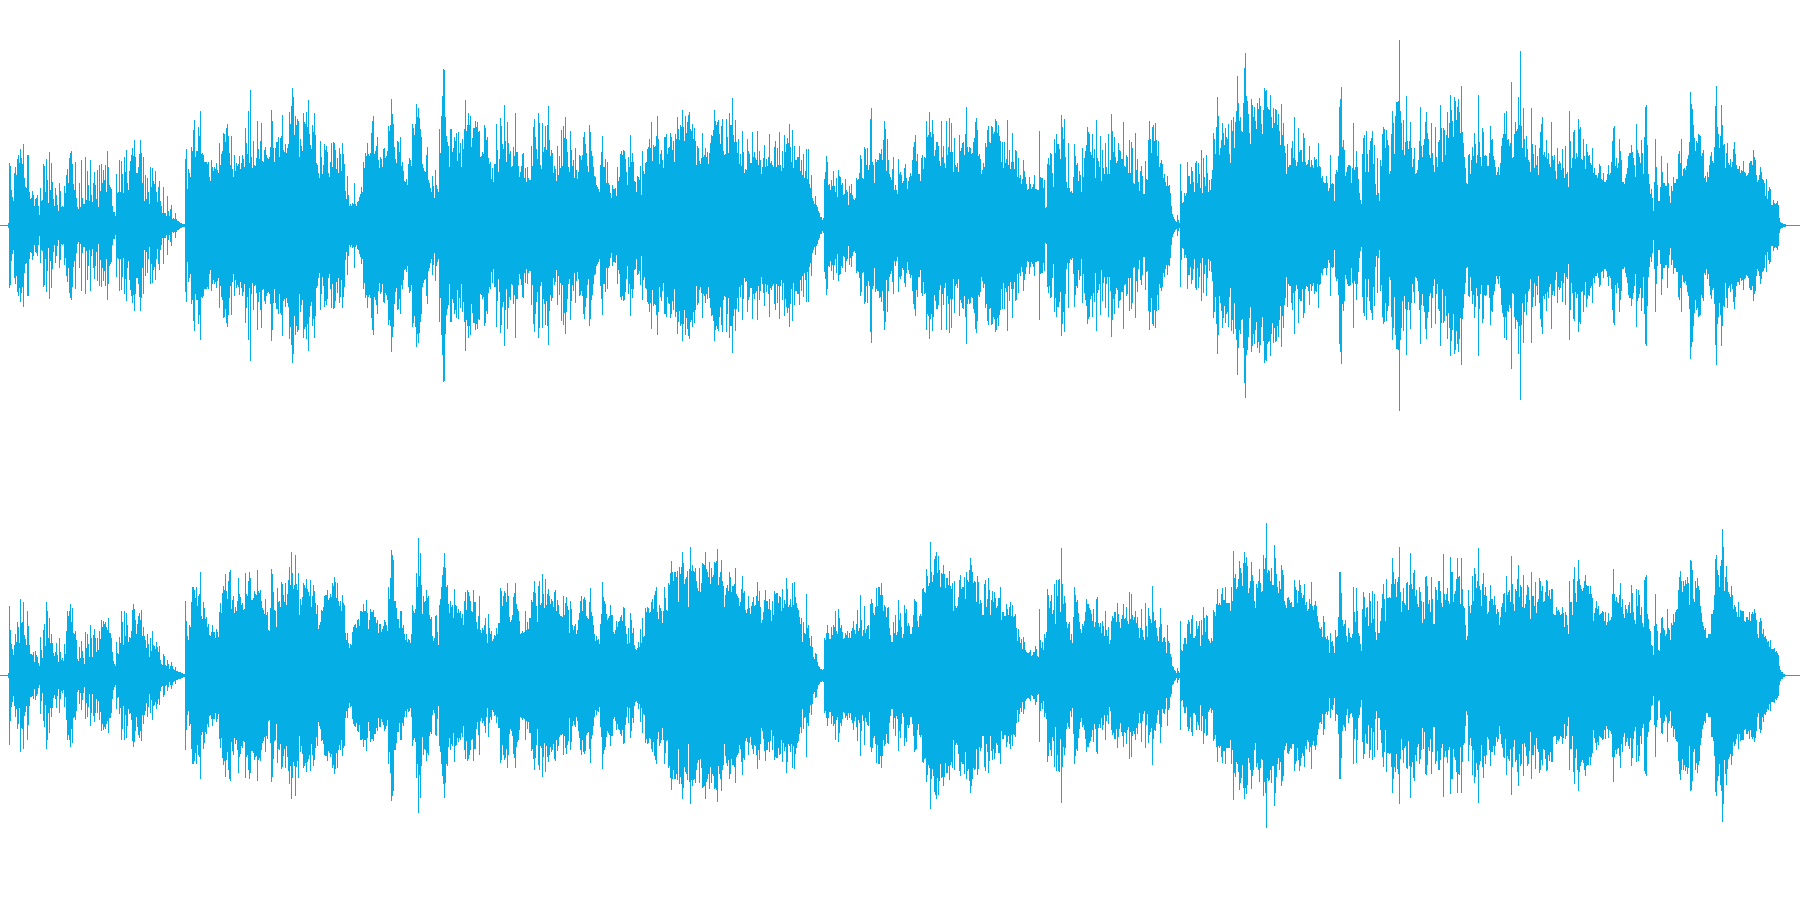 アクースティック楽器を使った神秘的で少…の再生済みの波形